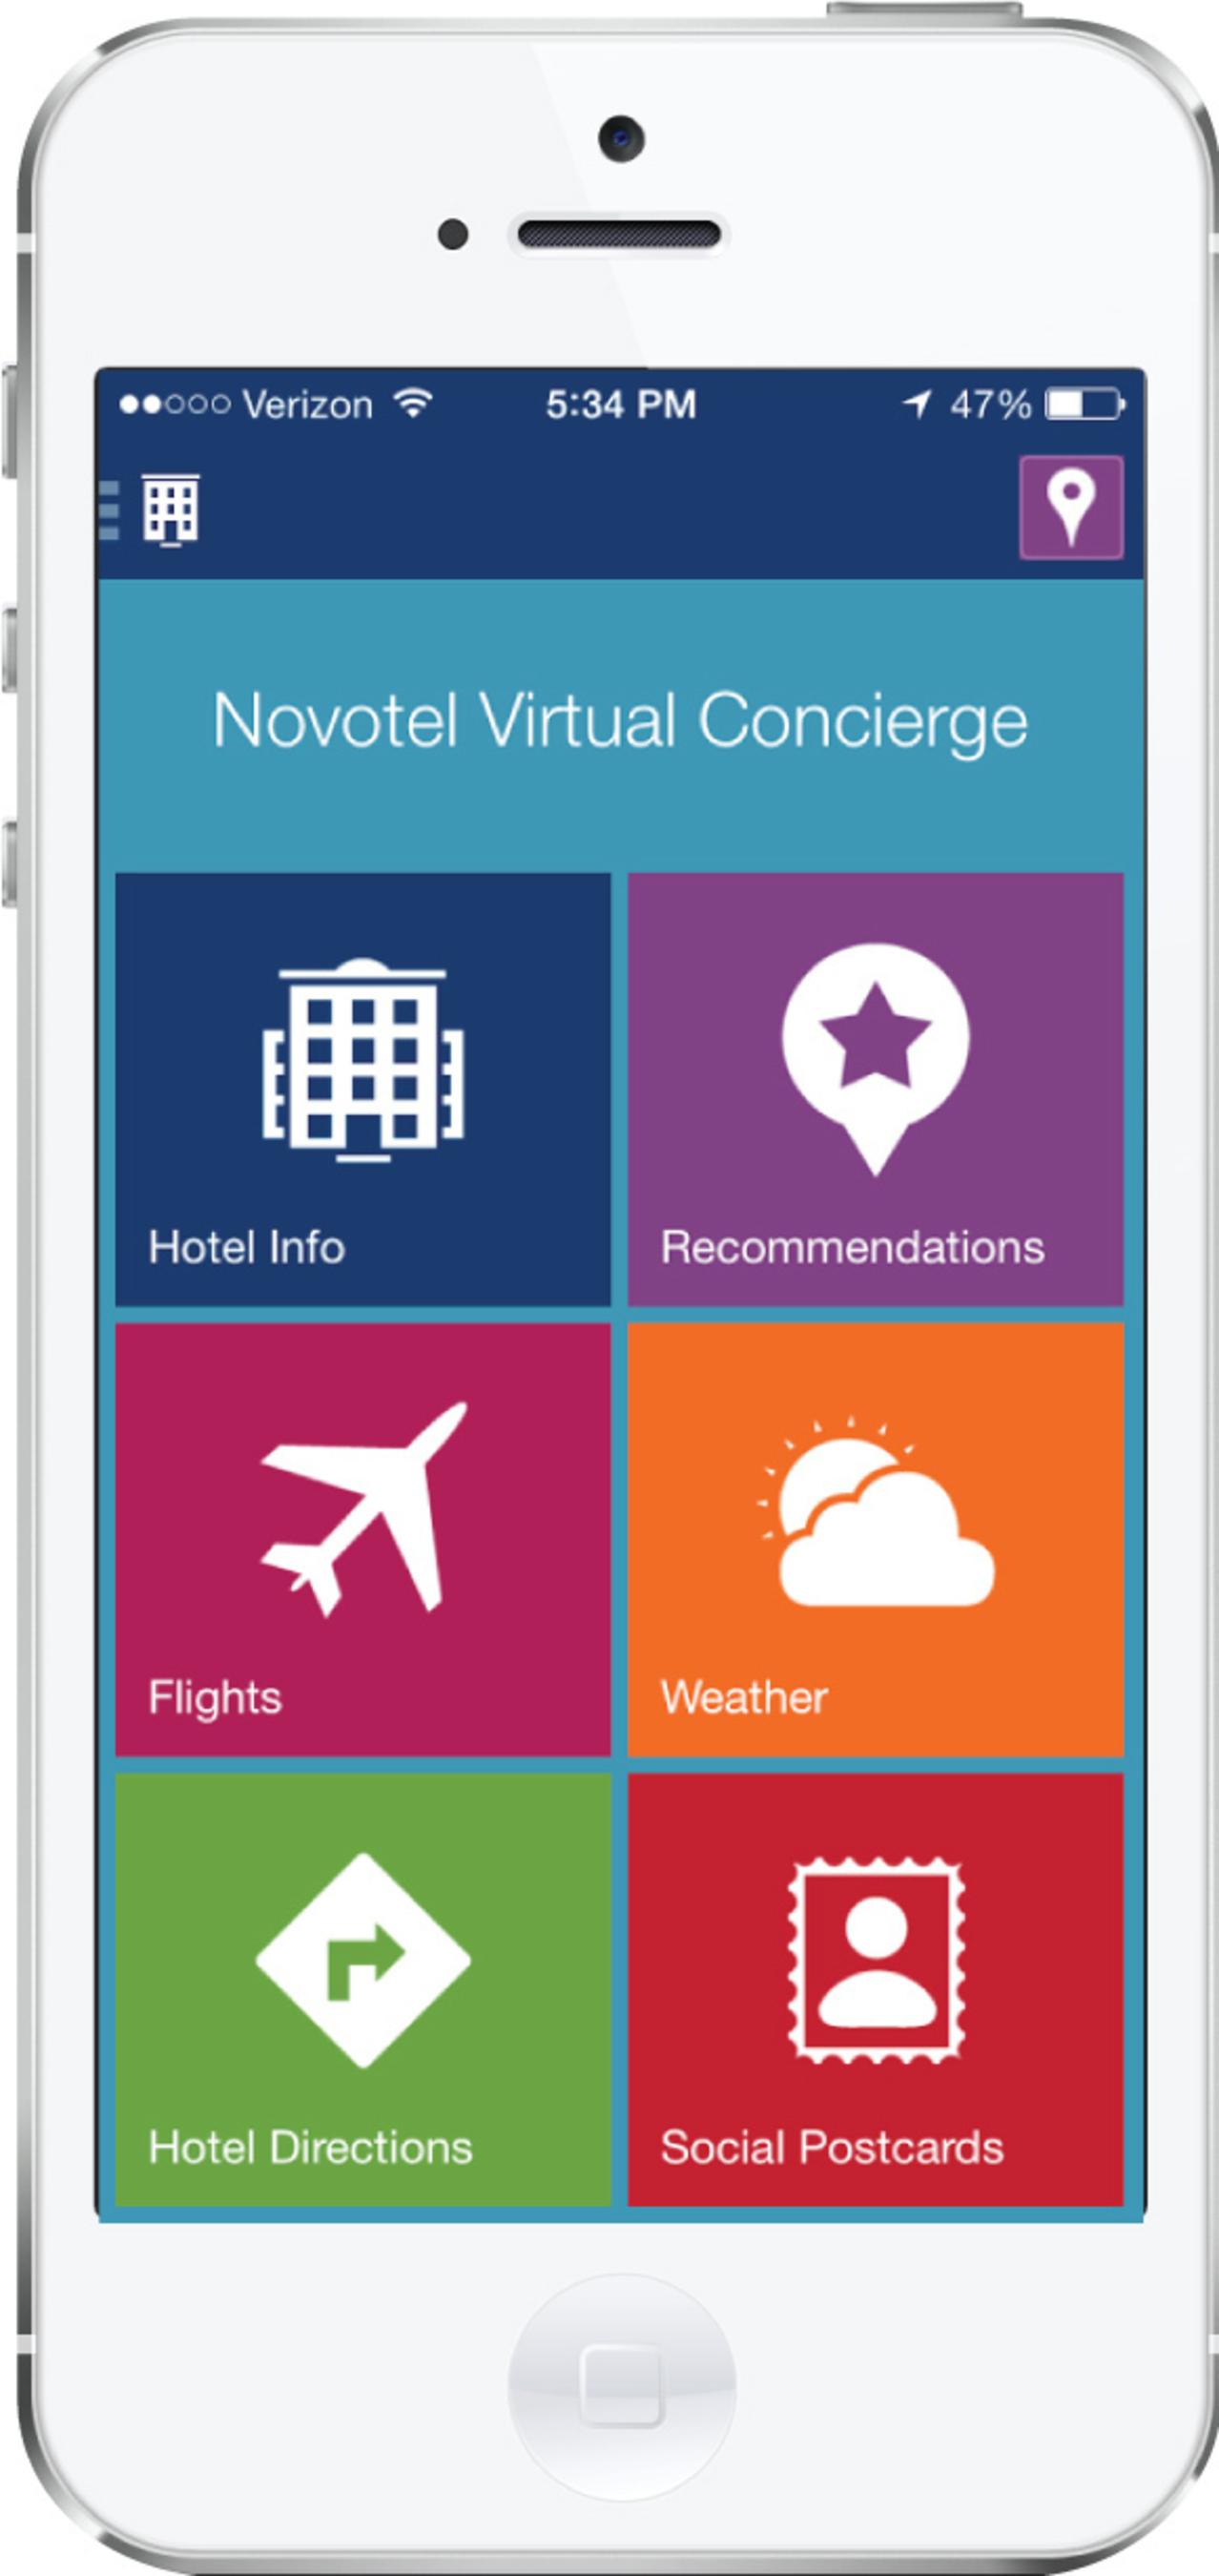 Novotel's Virtual Concierge mobile application (PRNewsFoto/Monscierge)